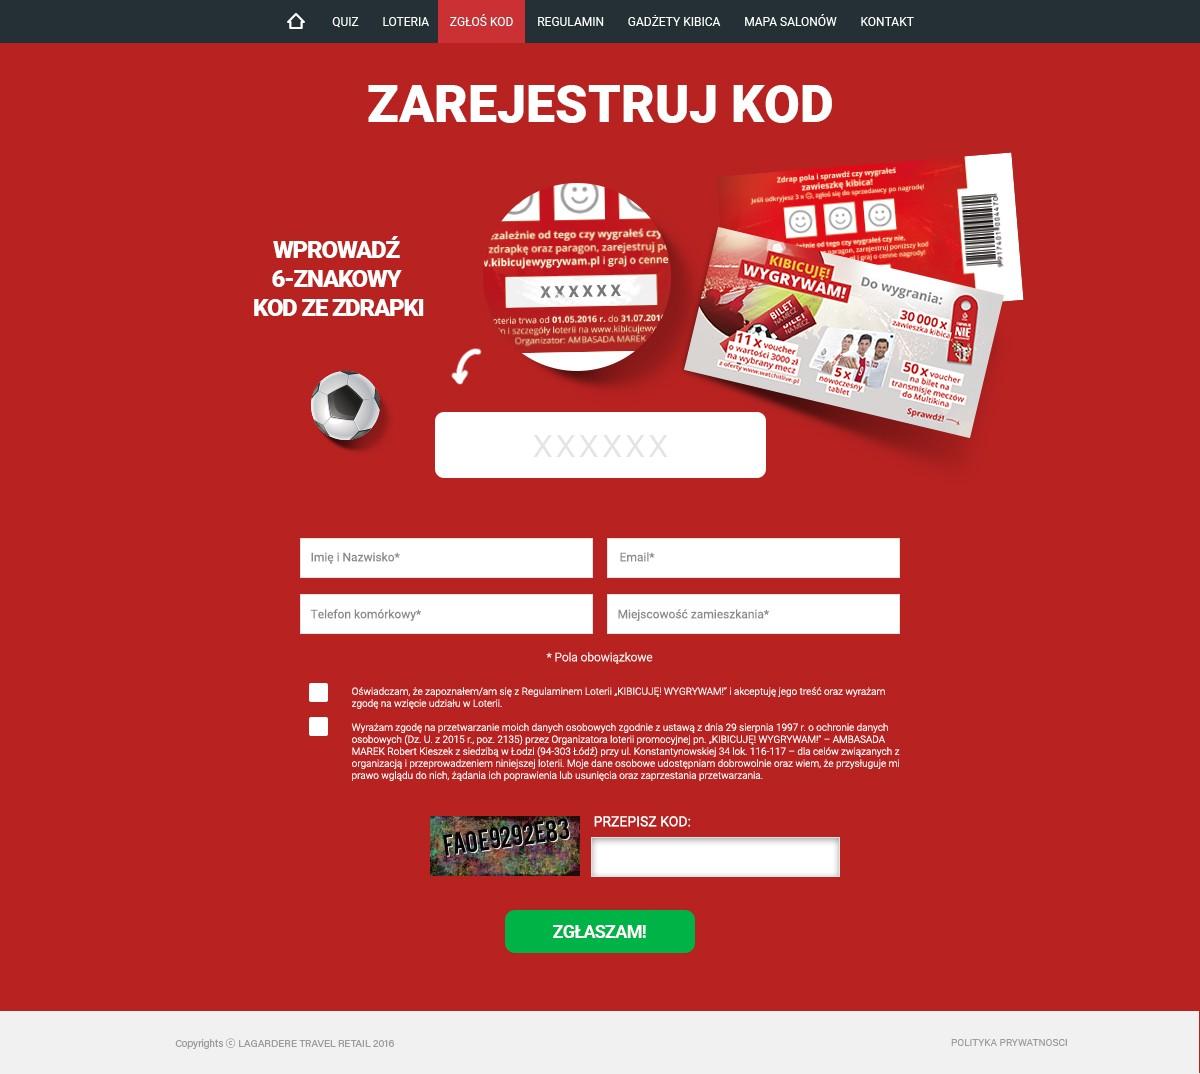 zglos_kod